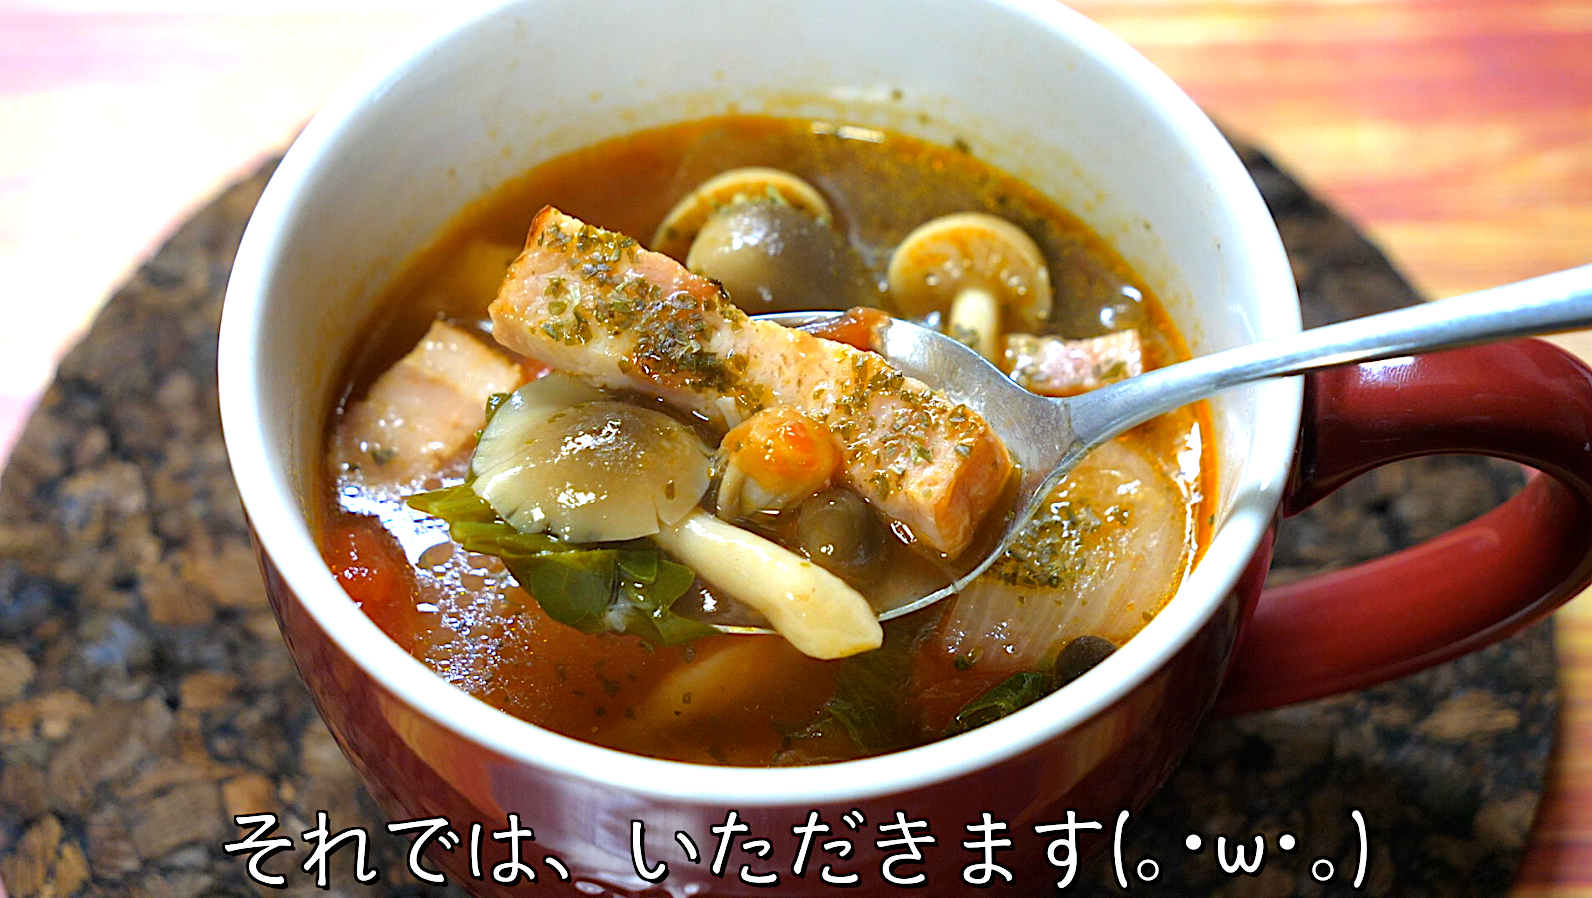 脂肪燃焼スープ ダイエット レシピ